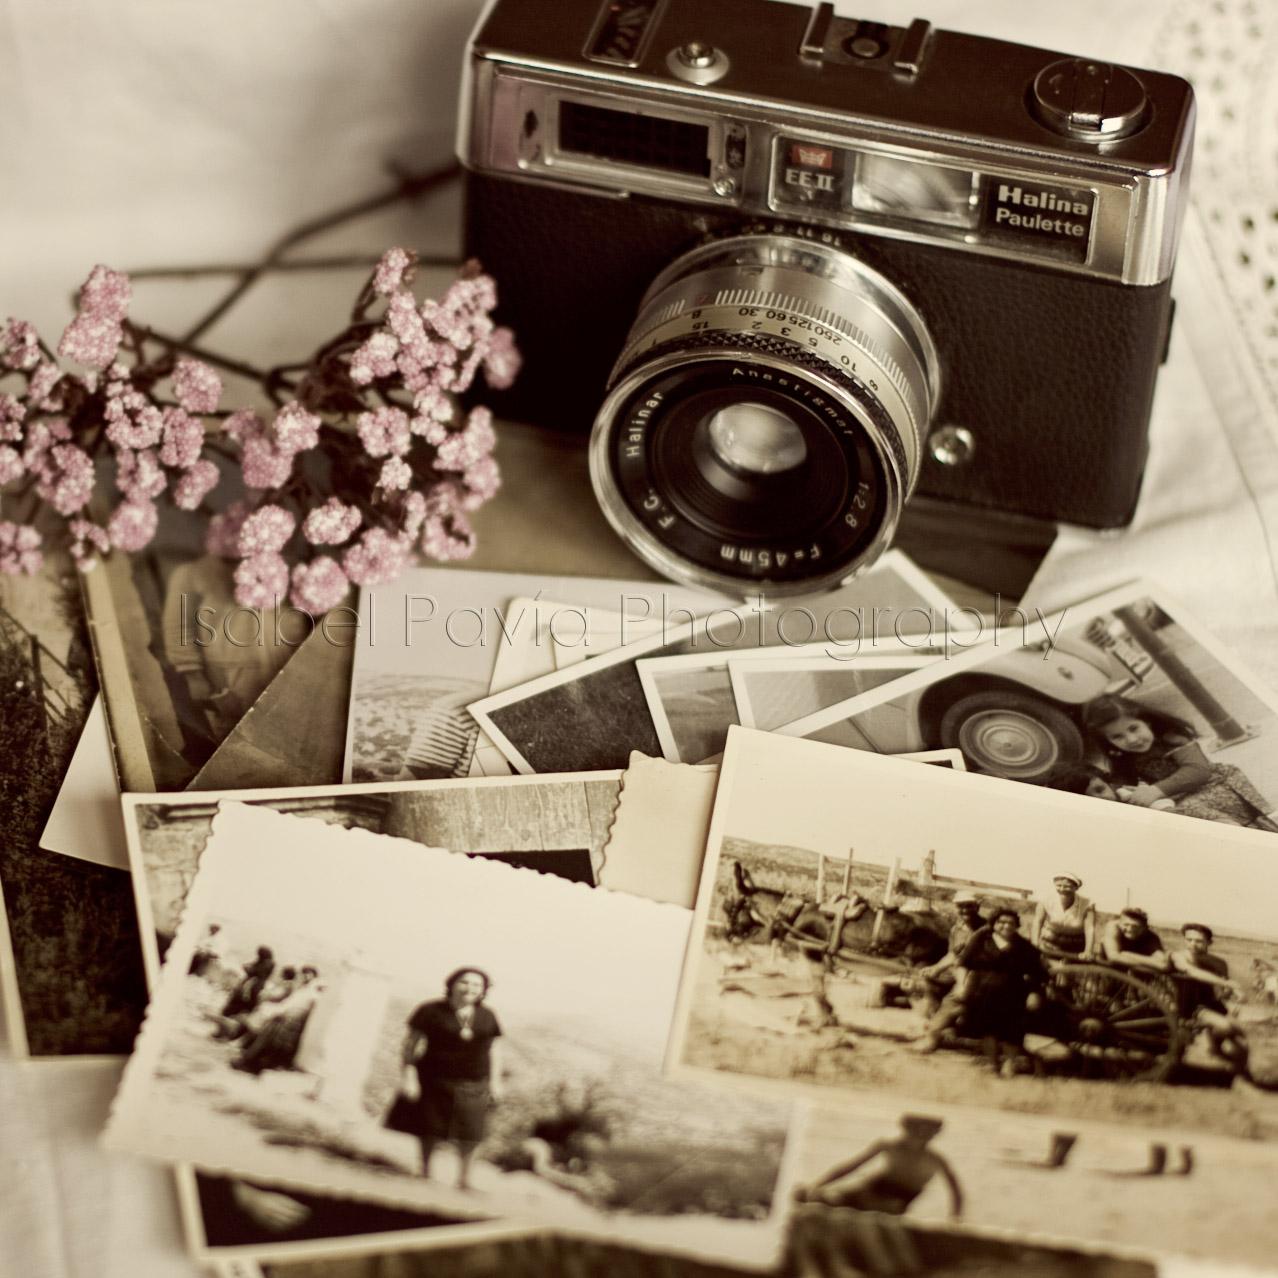 http://4.bp.blogspot.com/_H9OuxXnaljo/THKG9WL-IQI/AAAAAAAAADY/-891aZYhTVg/s1600/Semana+10.+Fotograf%C3%ADa+Antigua+Week+10.+Vintage+Photography.jpg